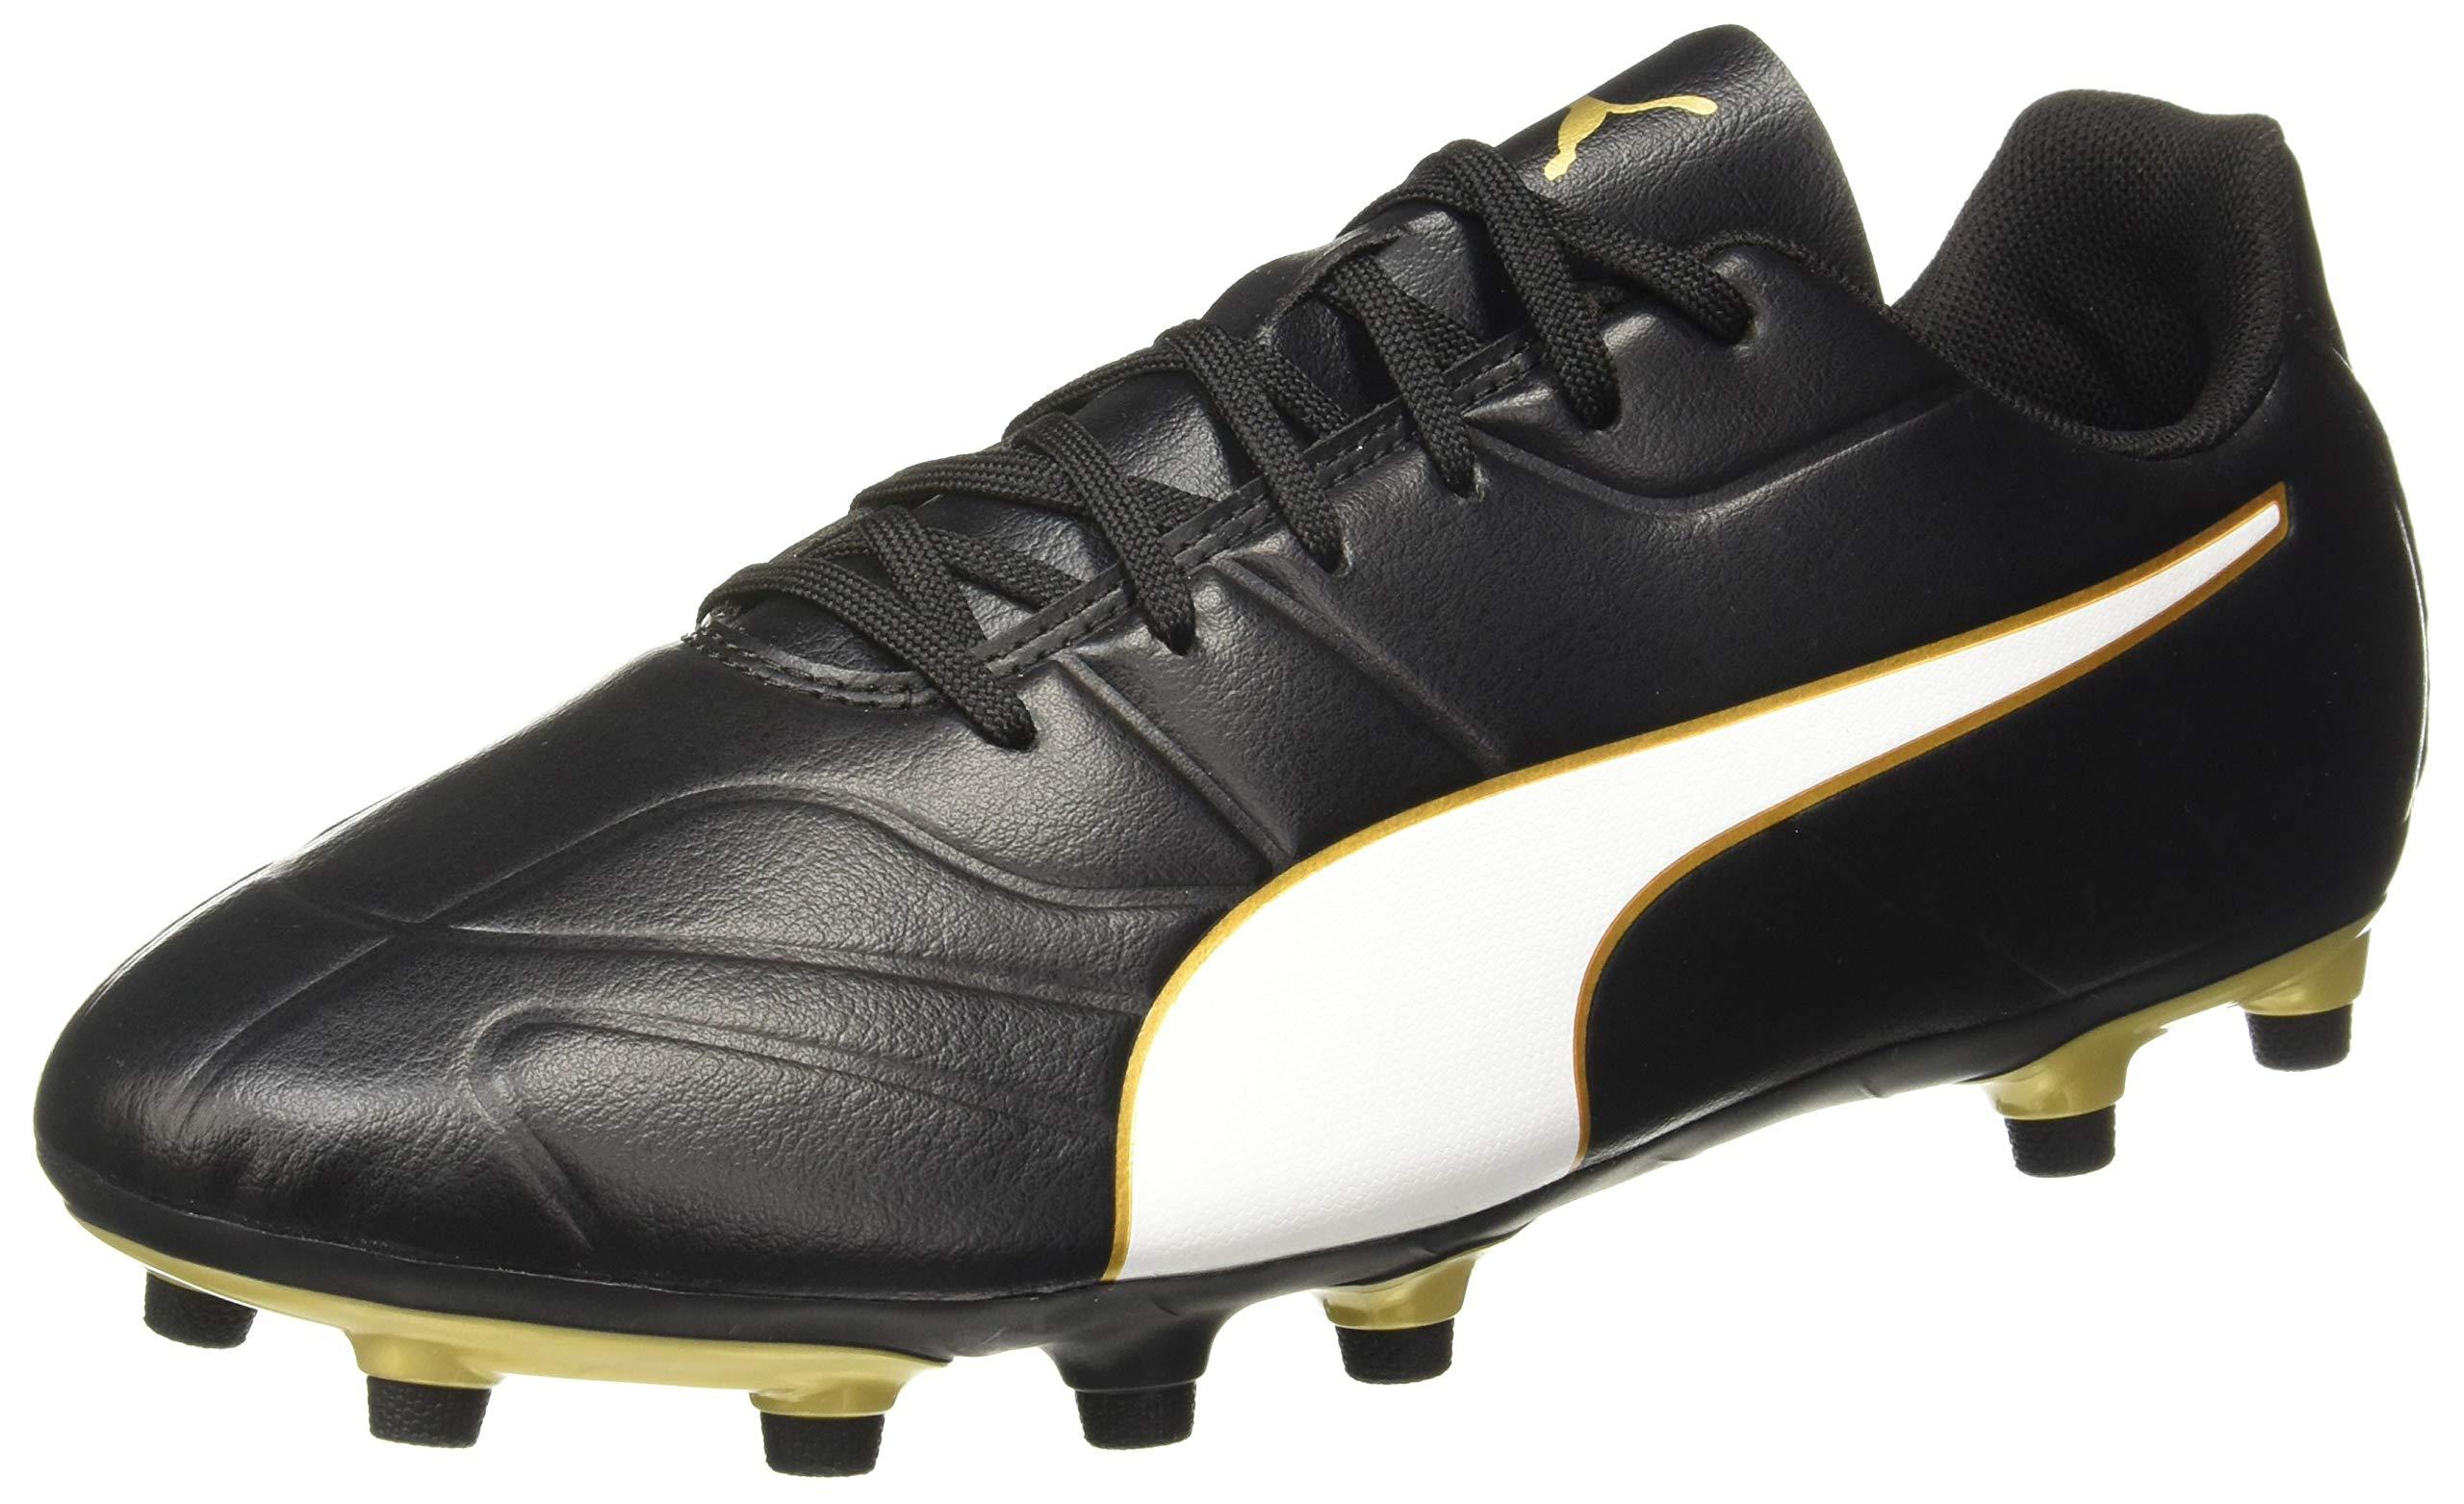 5fe91c734fbd9 Top Chaussures de football selon les notes Amazon.fr